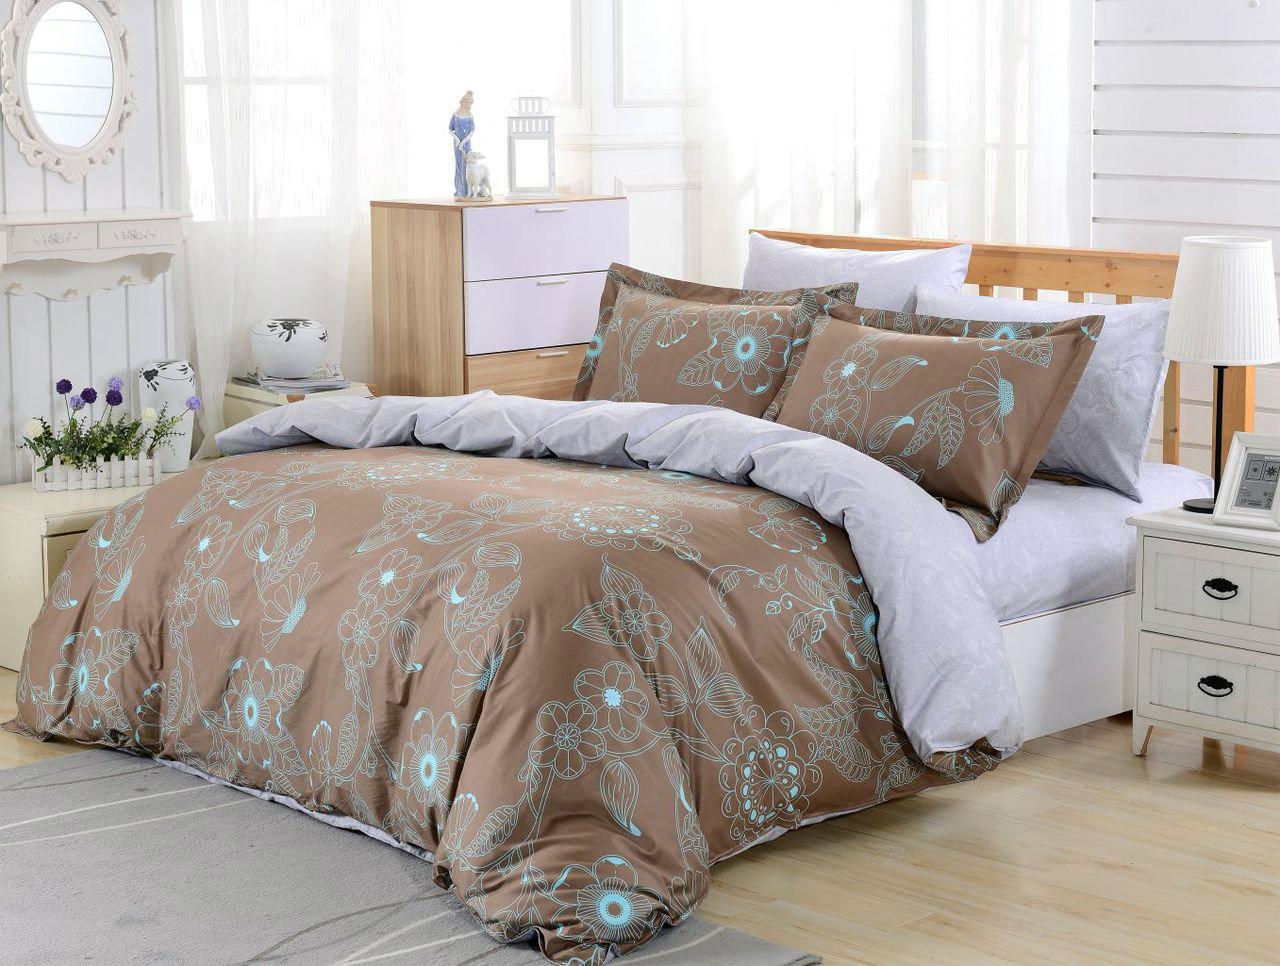 DM629Q Duvet Cover  Set, Dolce Mela Lefkada Bedding